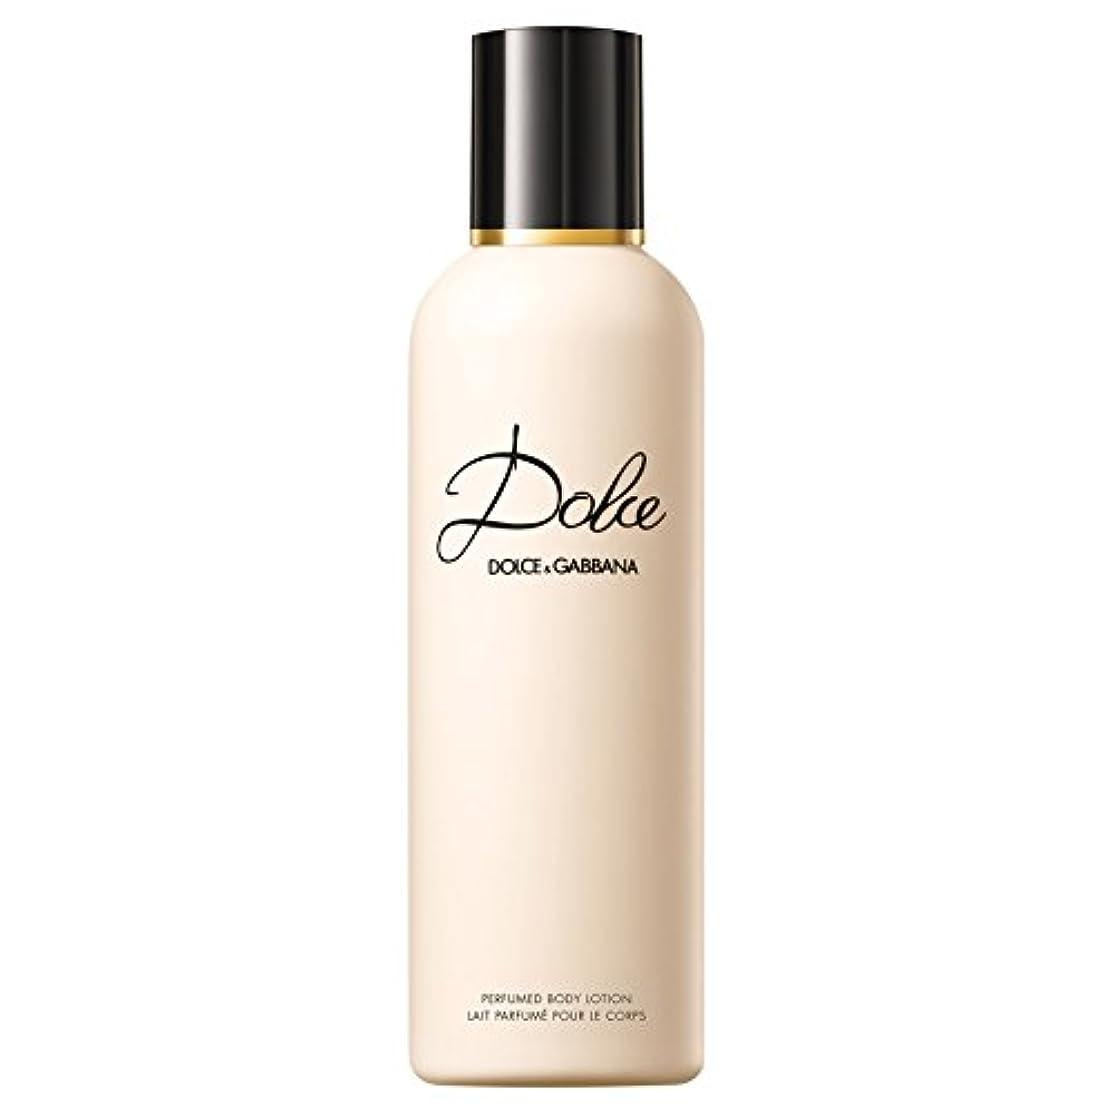 なだめる子供っぽい書き込みドルチェ&ガッバーナドルチェのボディローション200ミリリットル (Dolce & Gabbana) - Dolce & Gabbana Dolce Body Lotion 200ml [並行輸入品]